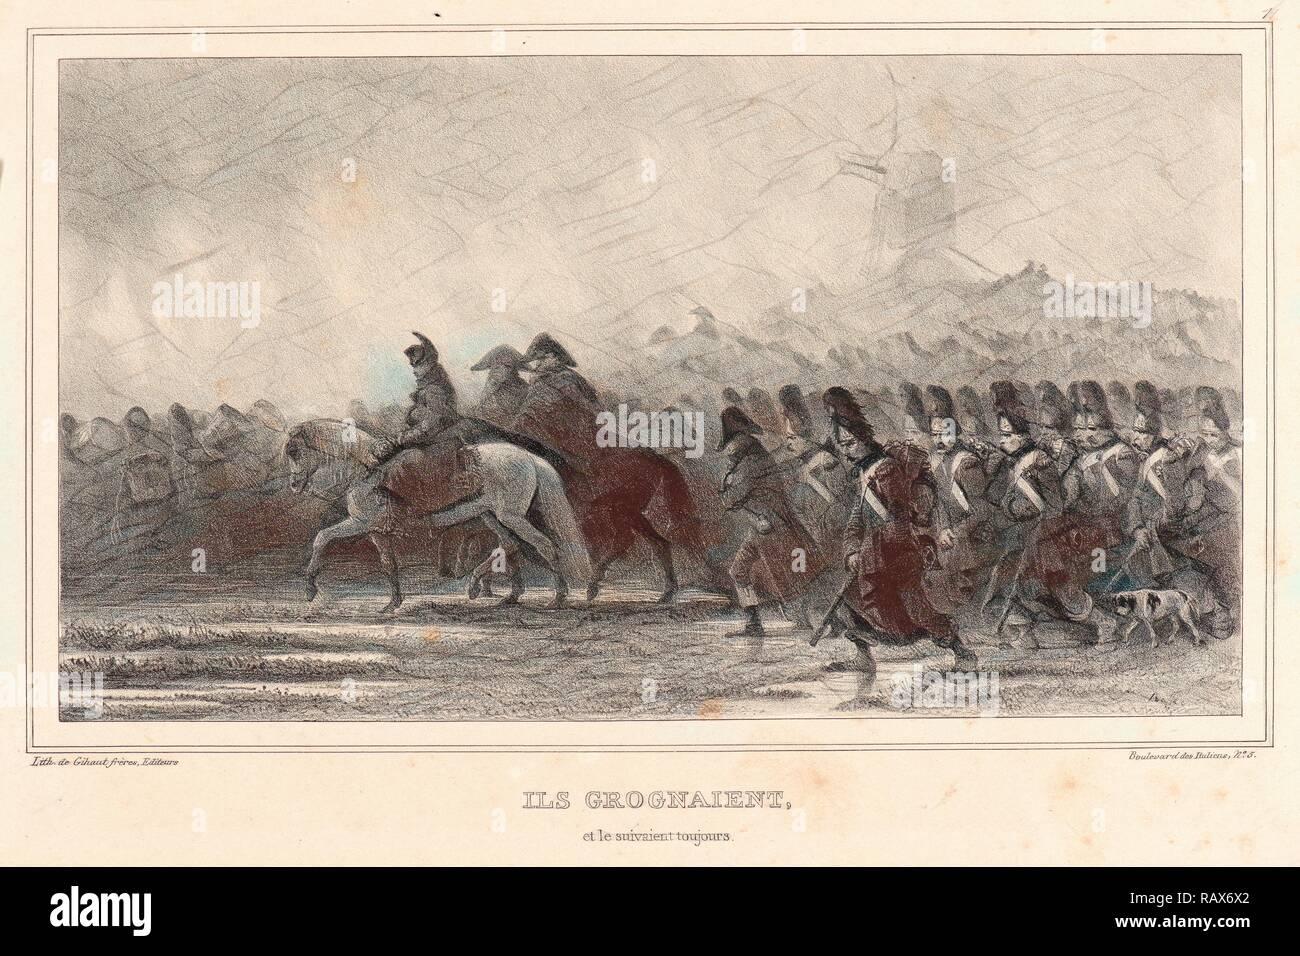 Auguste Raffet (French, 1804 - 1860). Ils grognaient, et le suivaient toujours!, 1836. Lithograph. . Reimagined - Stock Image